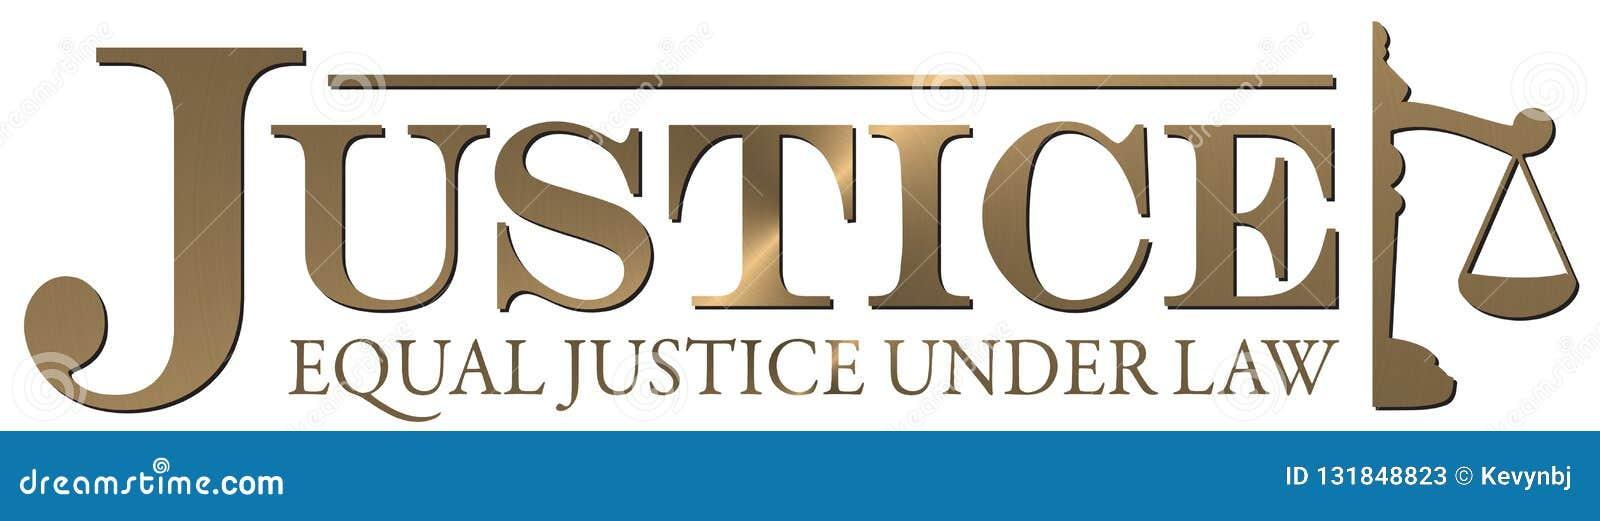 正义商标金子法律面前人人平等最高法院